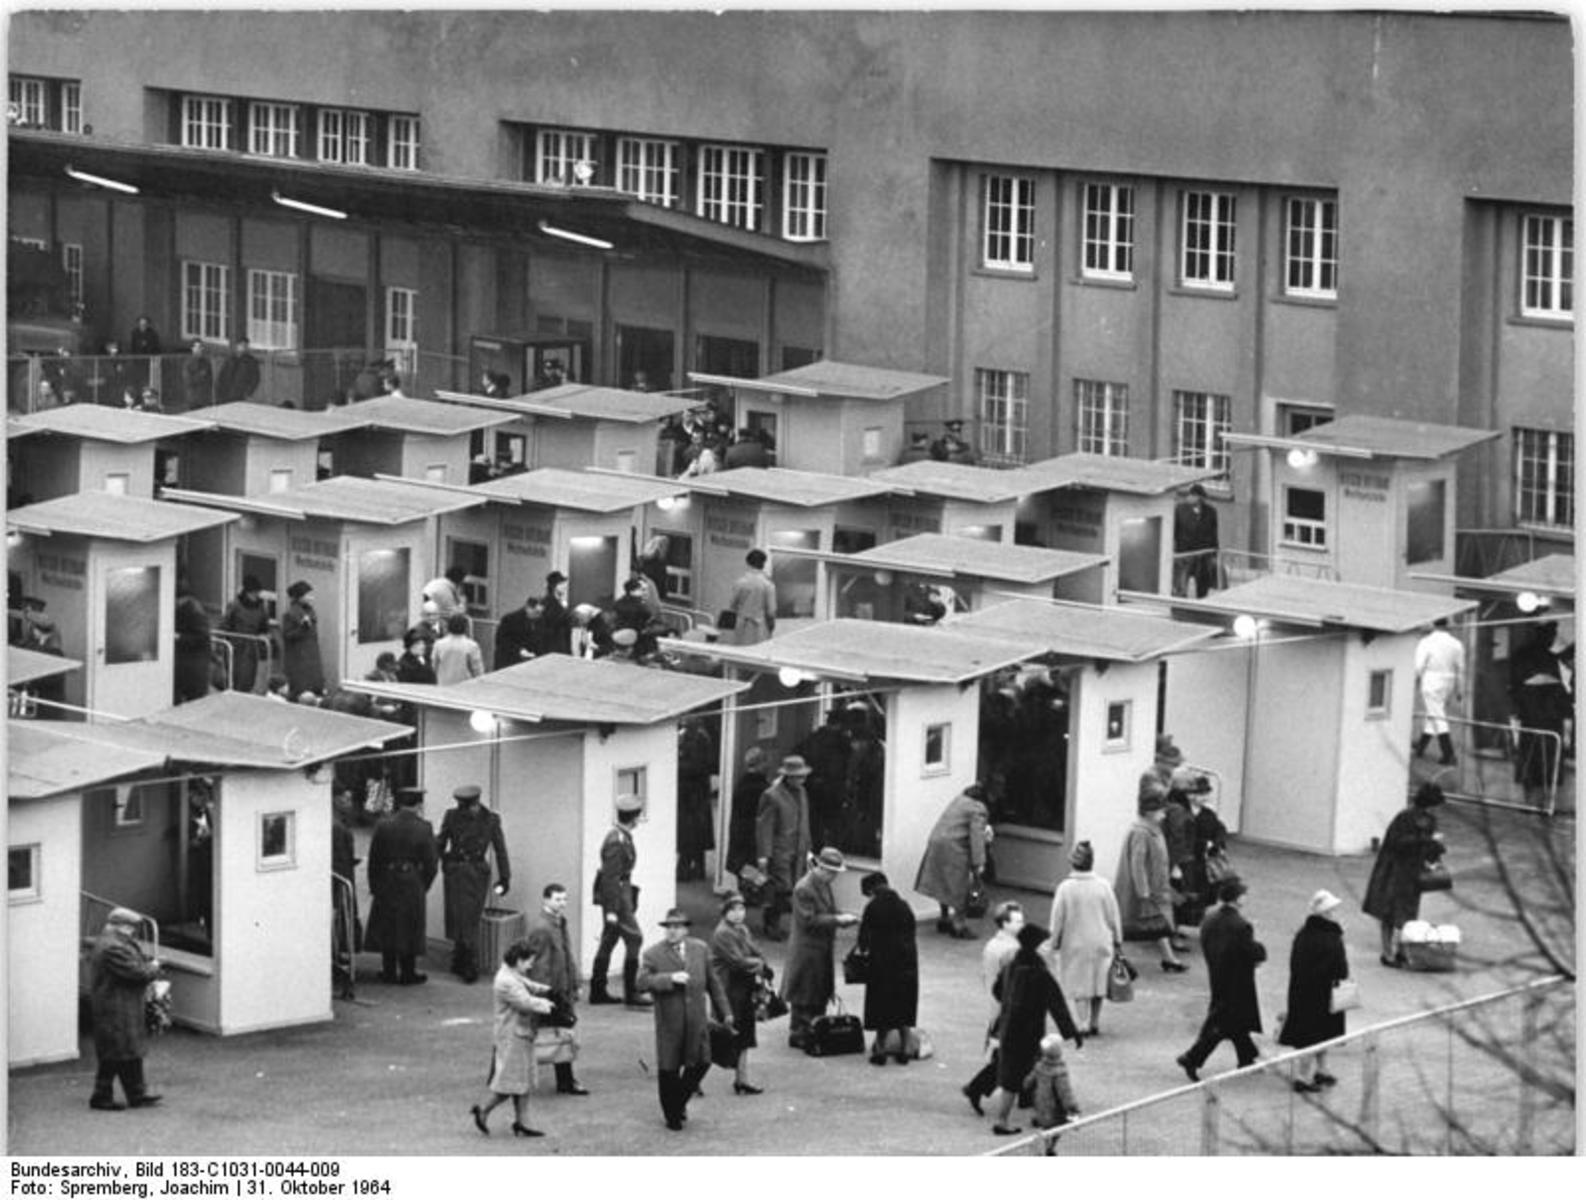 Bundesarchiv_Bild_183-C1031-0044-009,_Berlin,_Grenzübergang_Bahnhof_Friedrichstraße.jpg